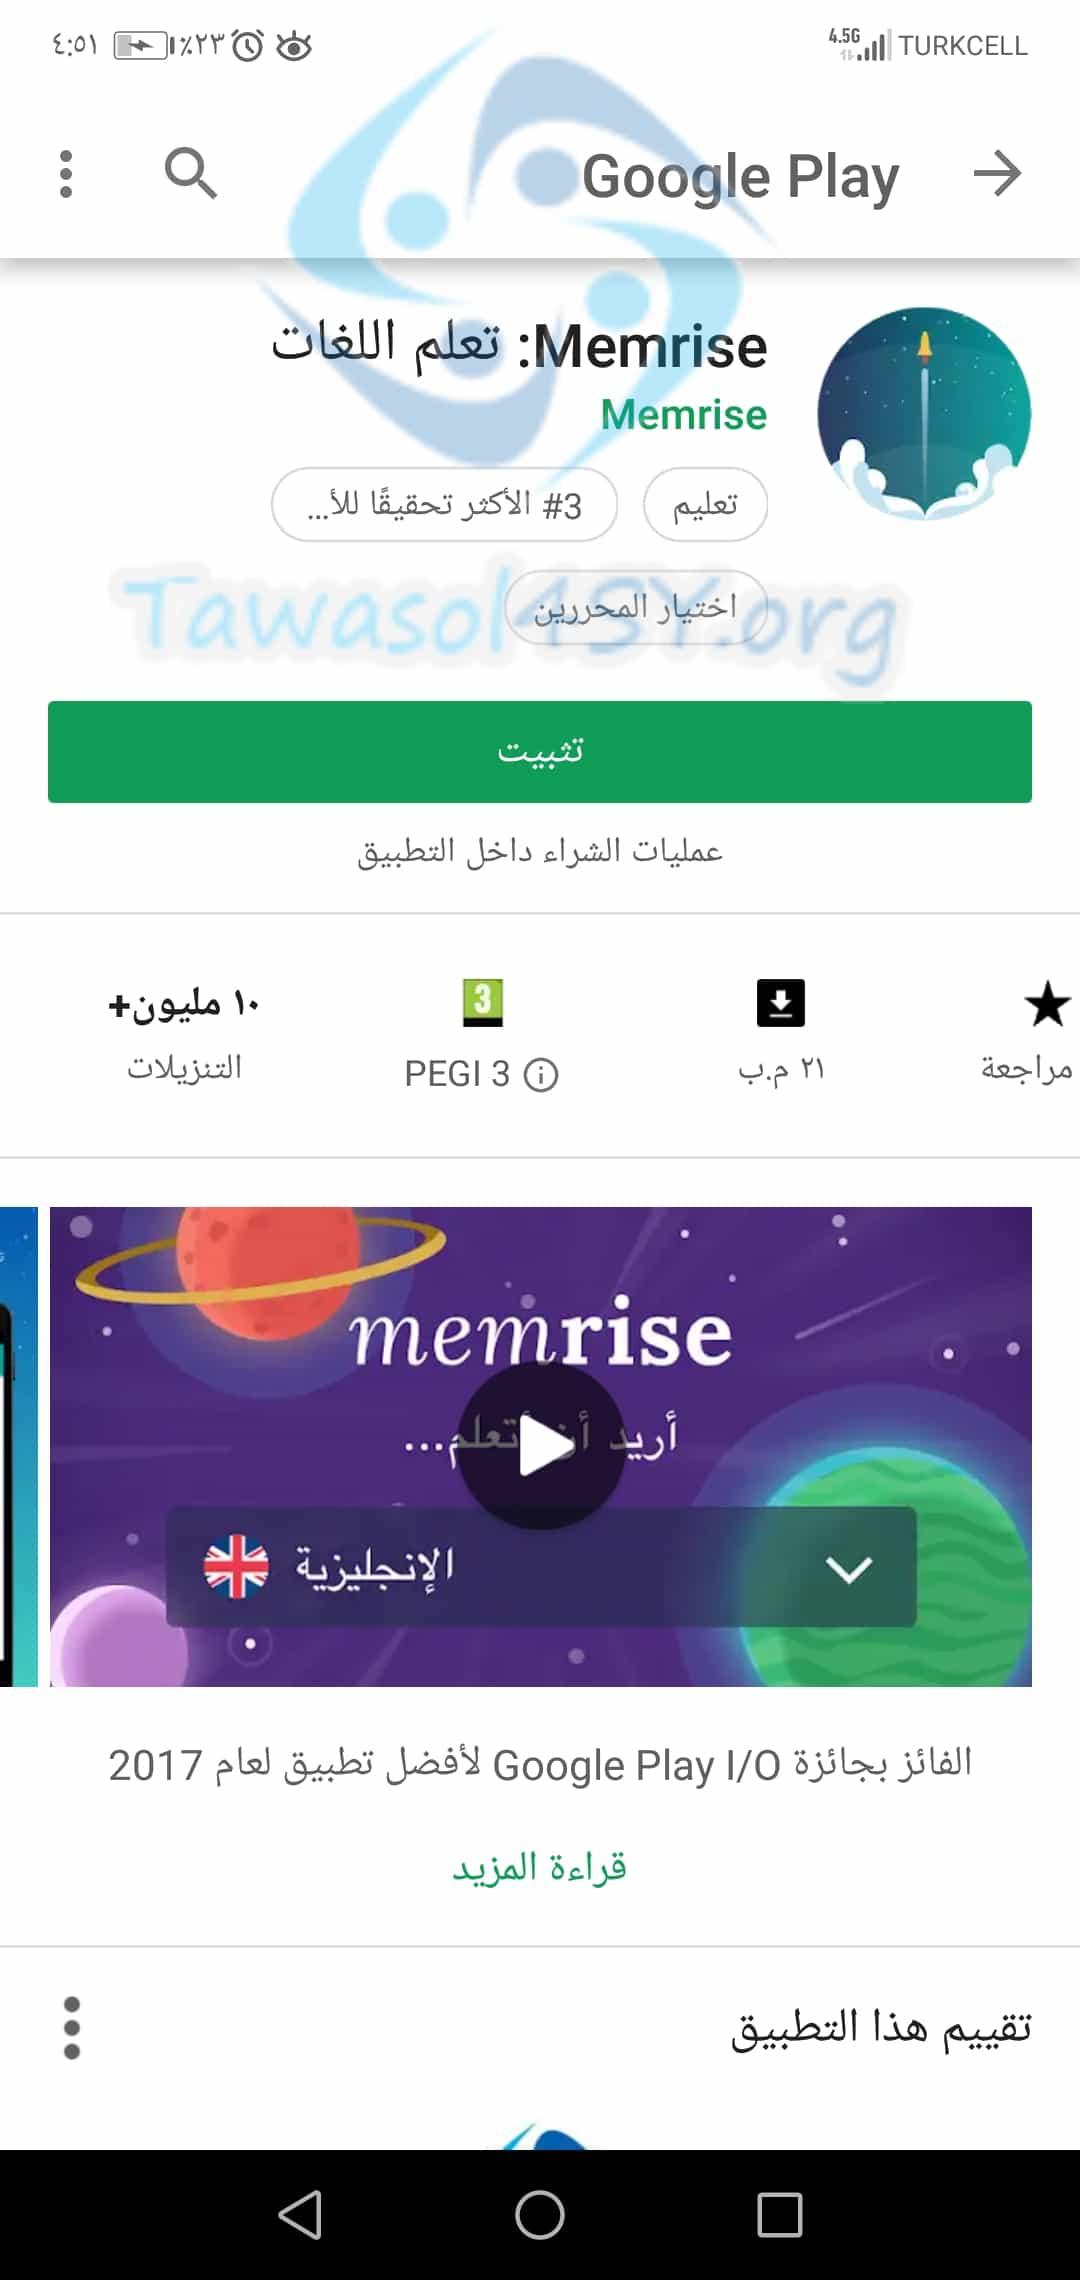 تحميل برنامج Beamrise لتعلم اللغات الأجنبية بسهولة